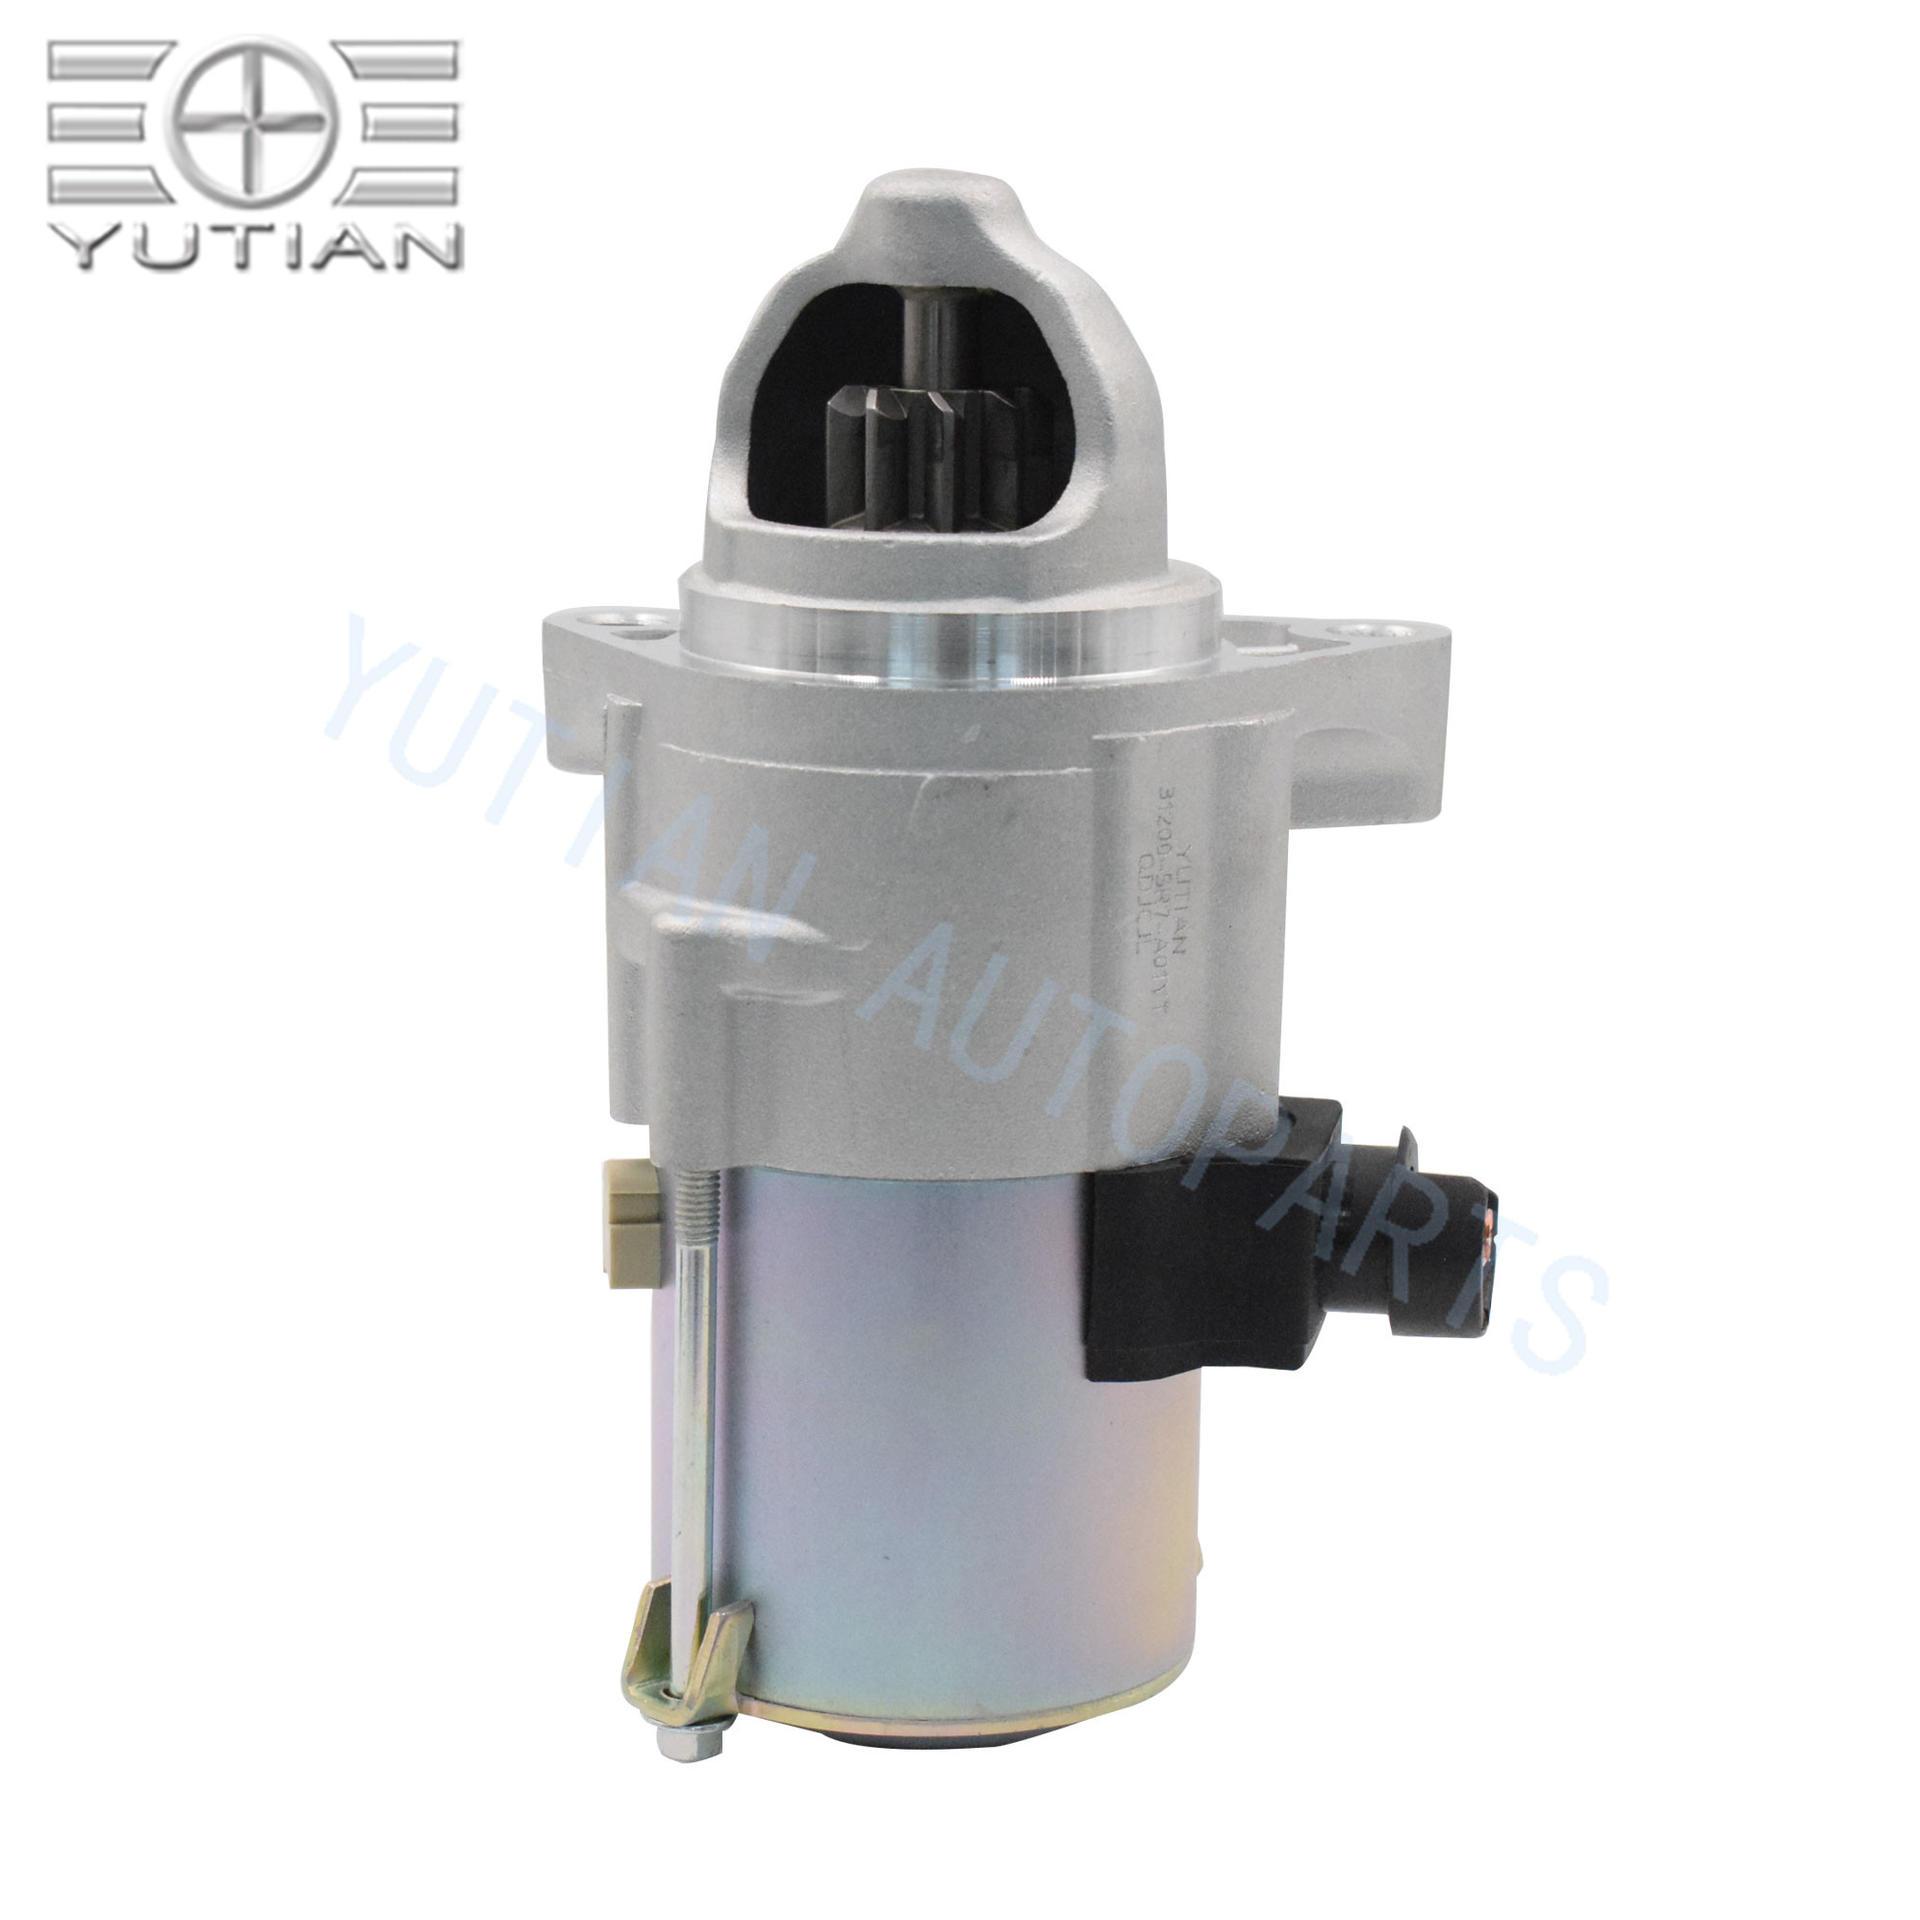 For Honda Jazz XRV CITY Start The Motor OEM 31200-5R7-A01